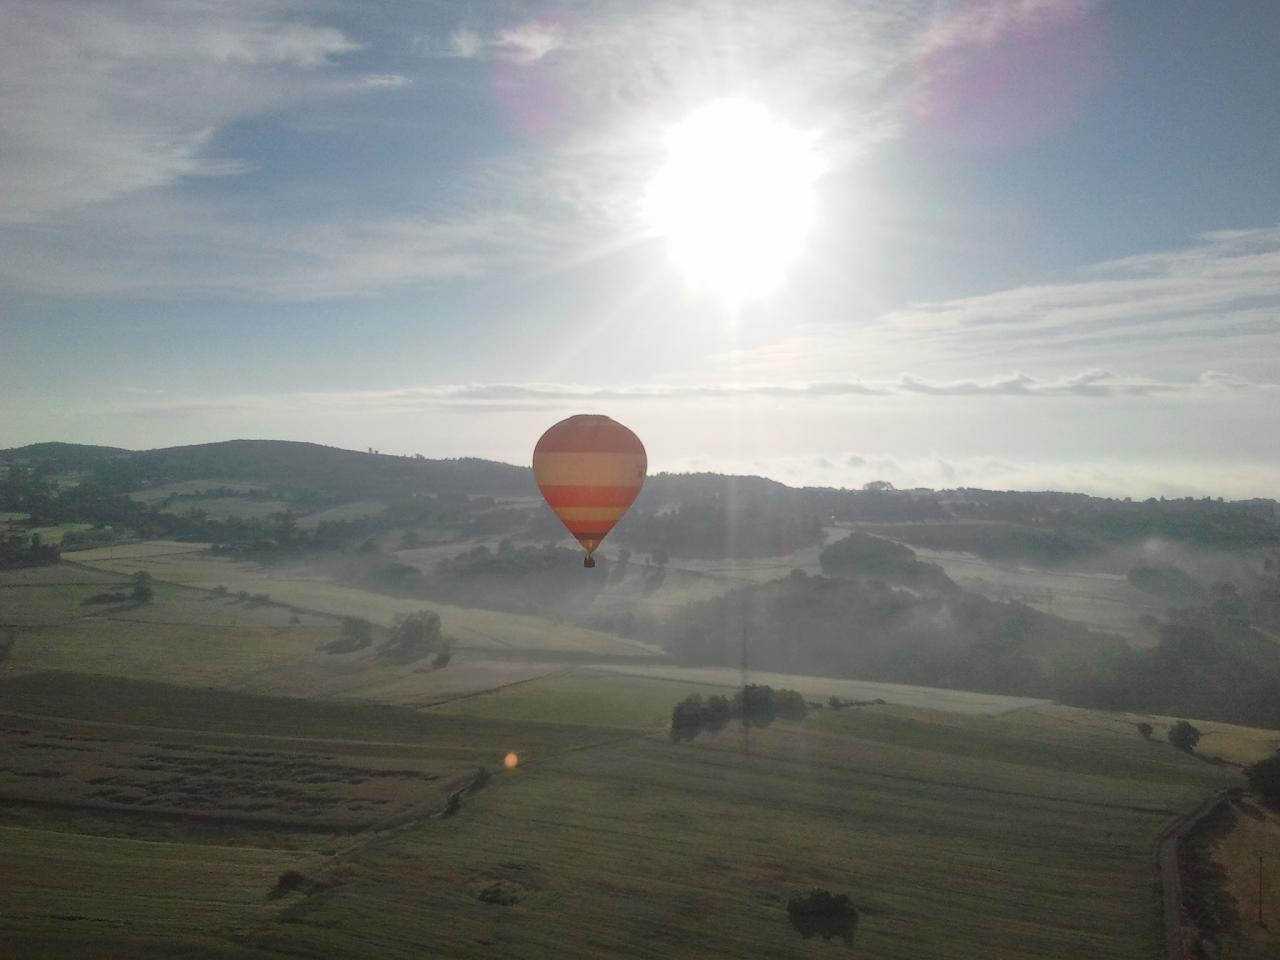 2 Vol en montgolfiere pendant l'art de l'envol à Annonay